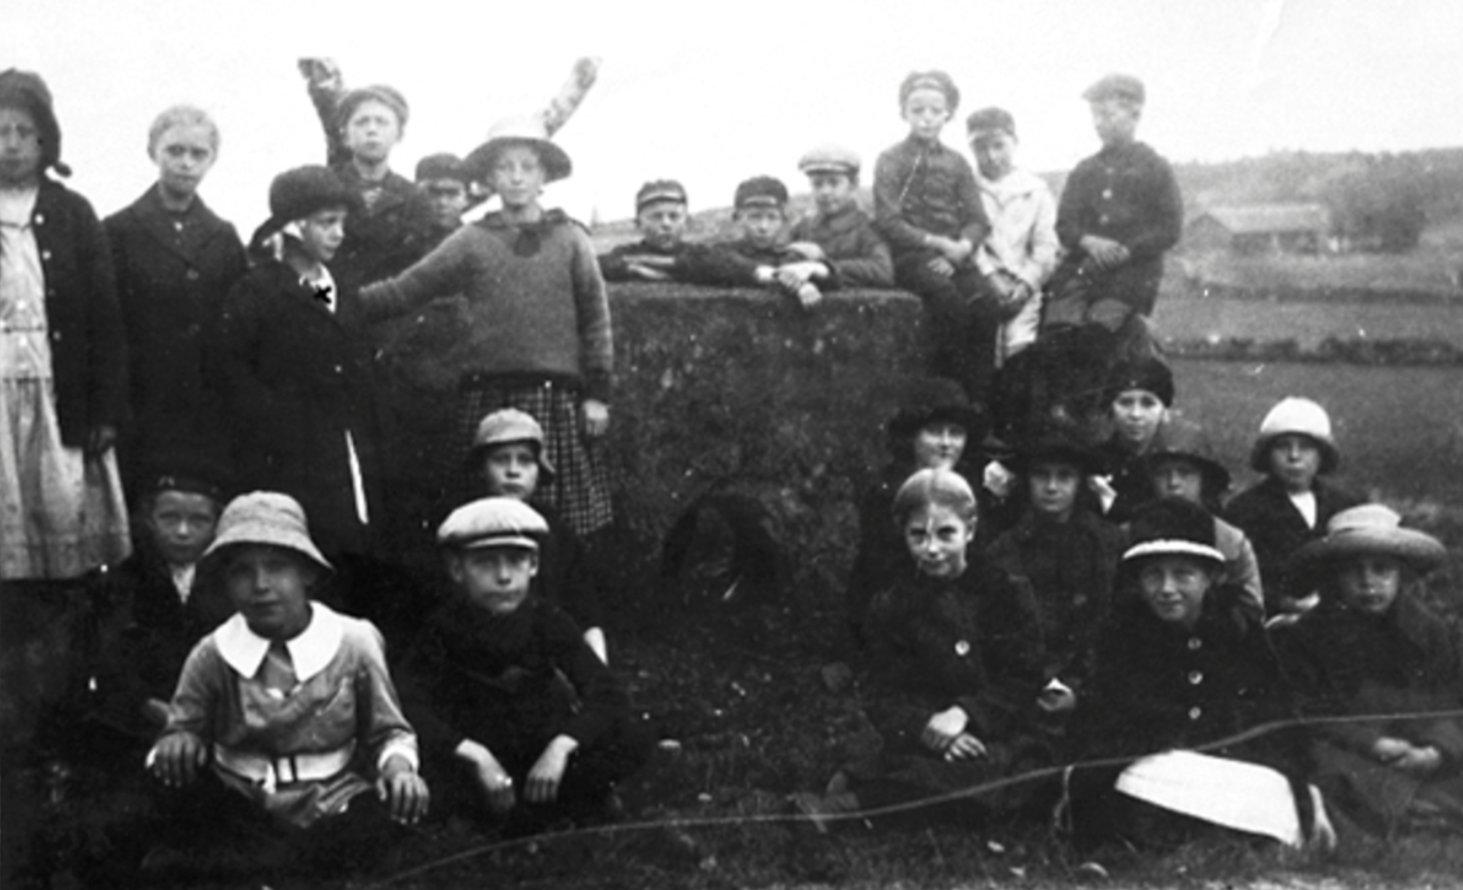 Skolelever på utflykt Hällkistan Dvärgahuset, 1921.